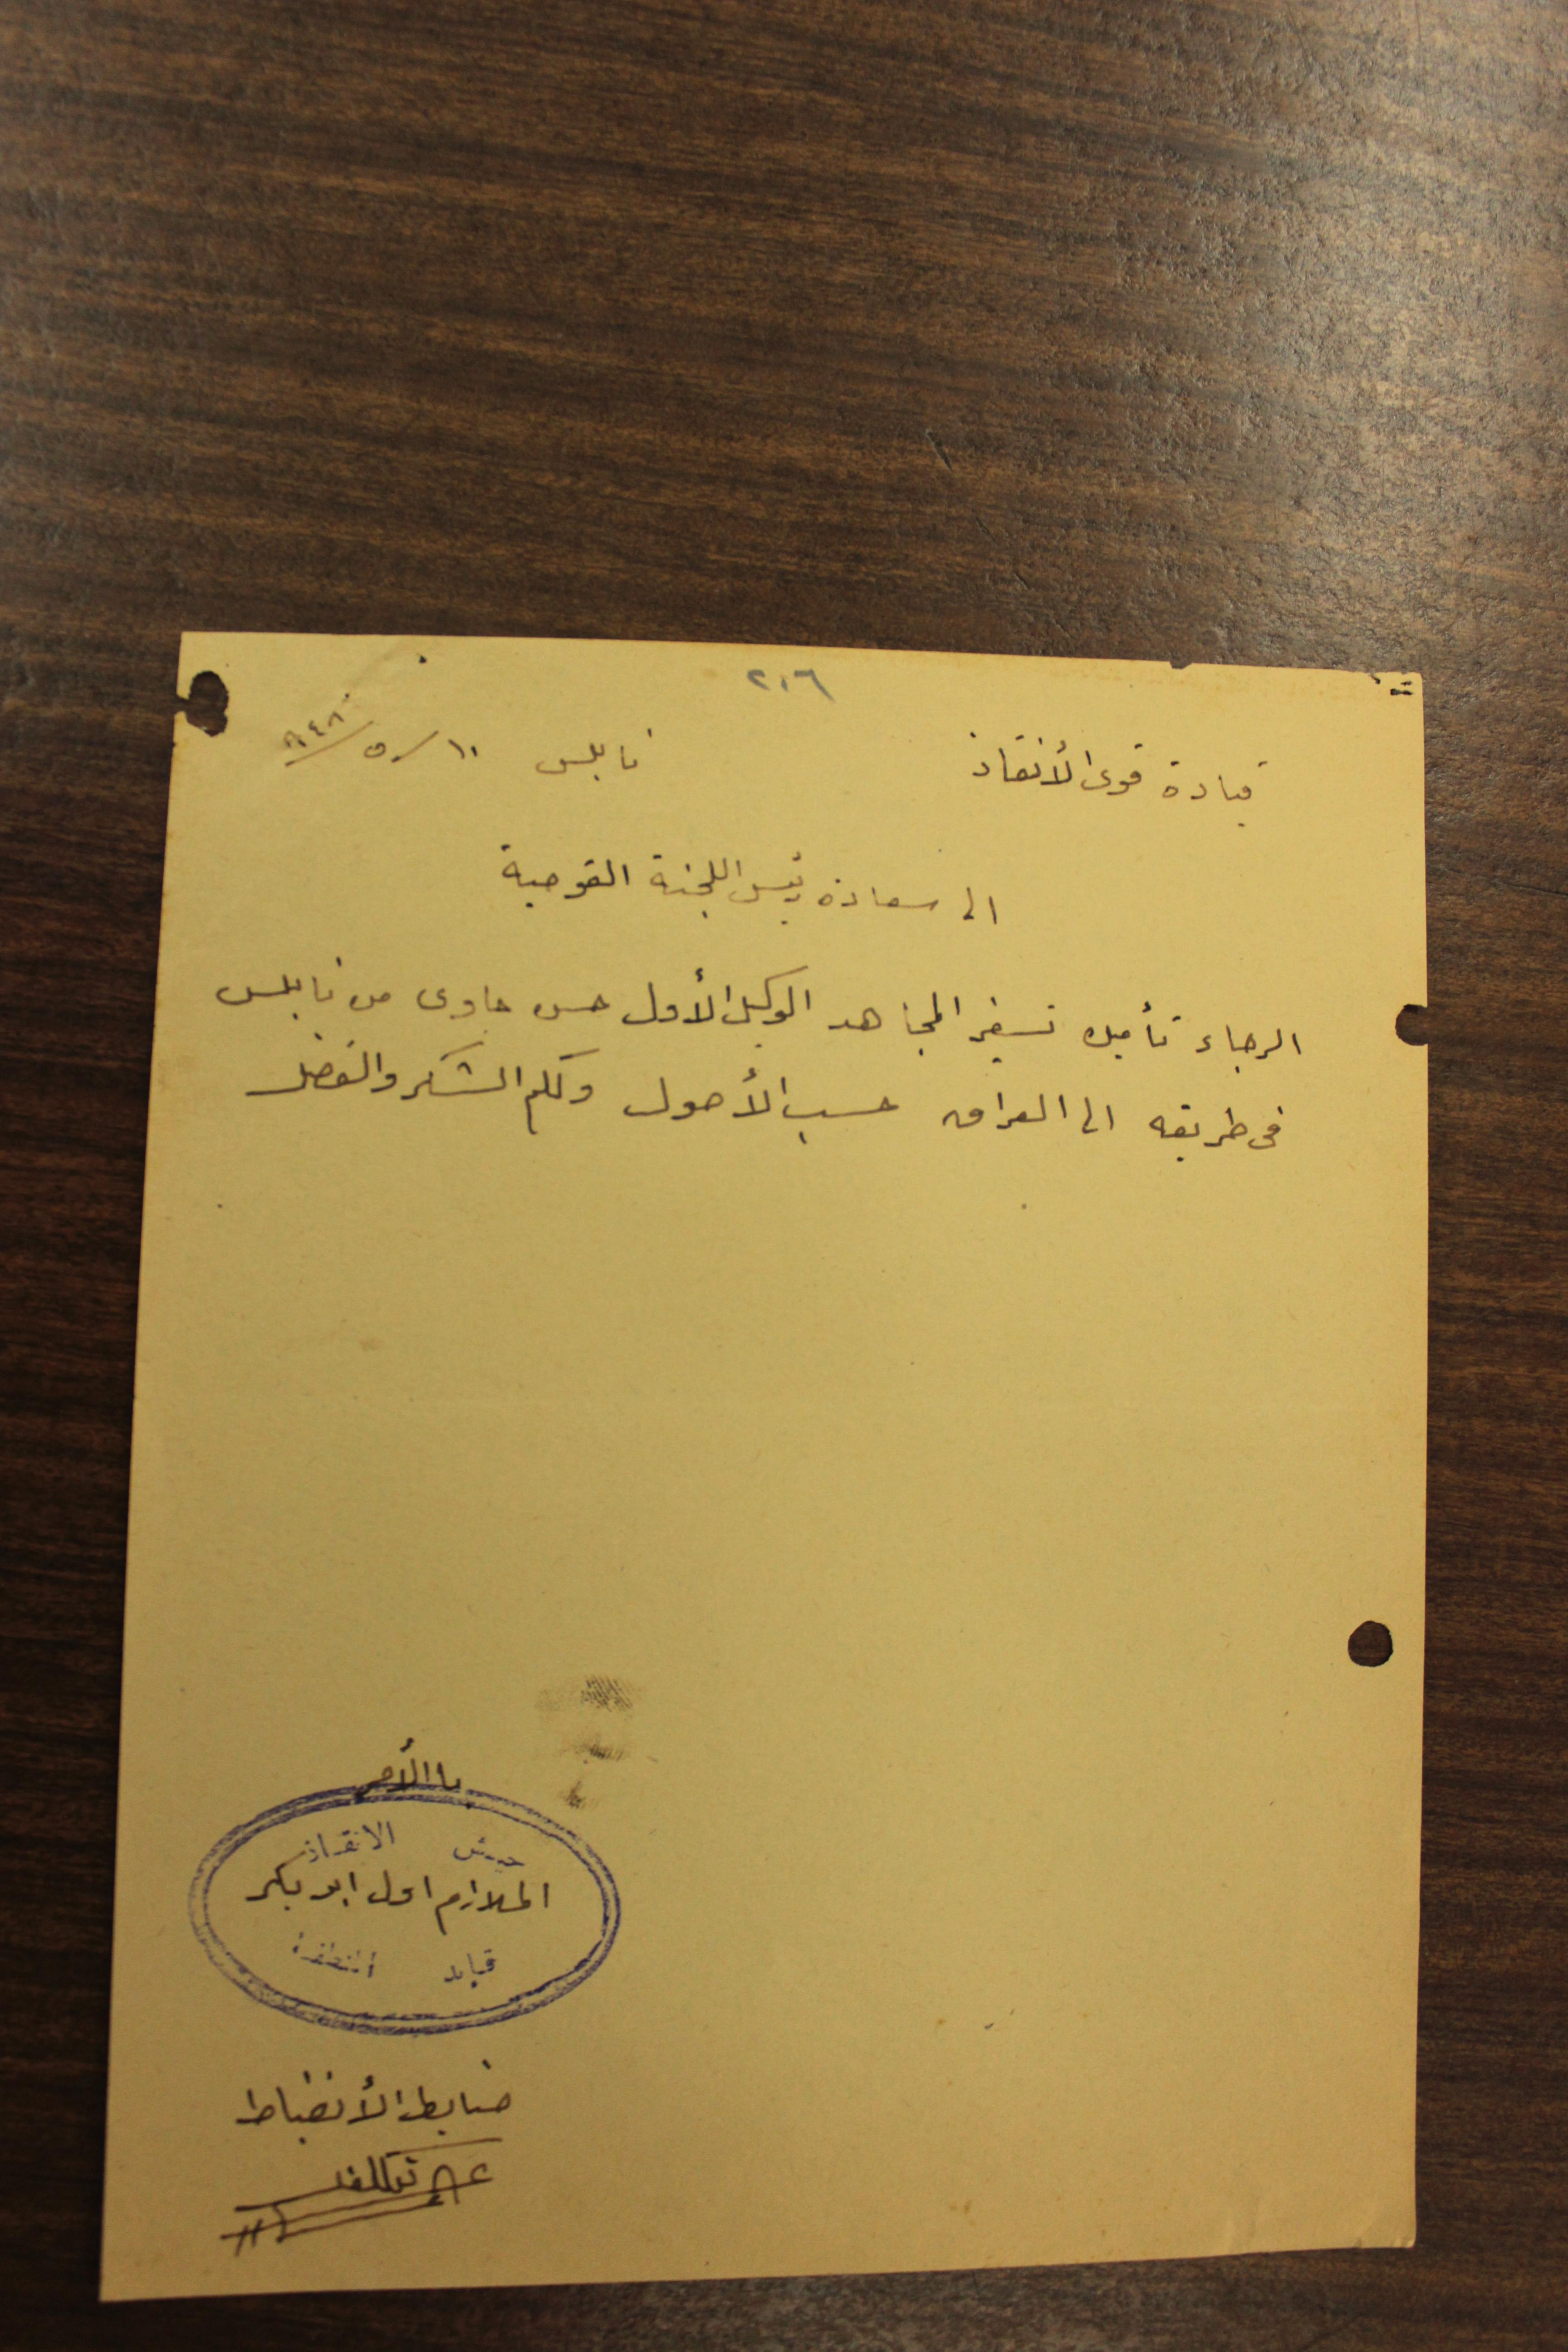 قيادة قوى الانقاذ إلى اللجنة القومية العربية عام 1948 (5).JPG